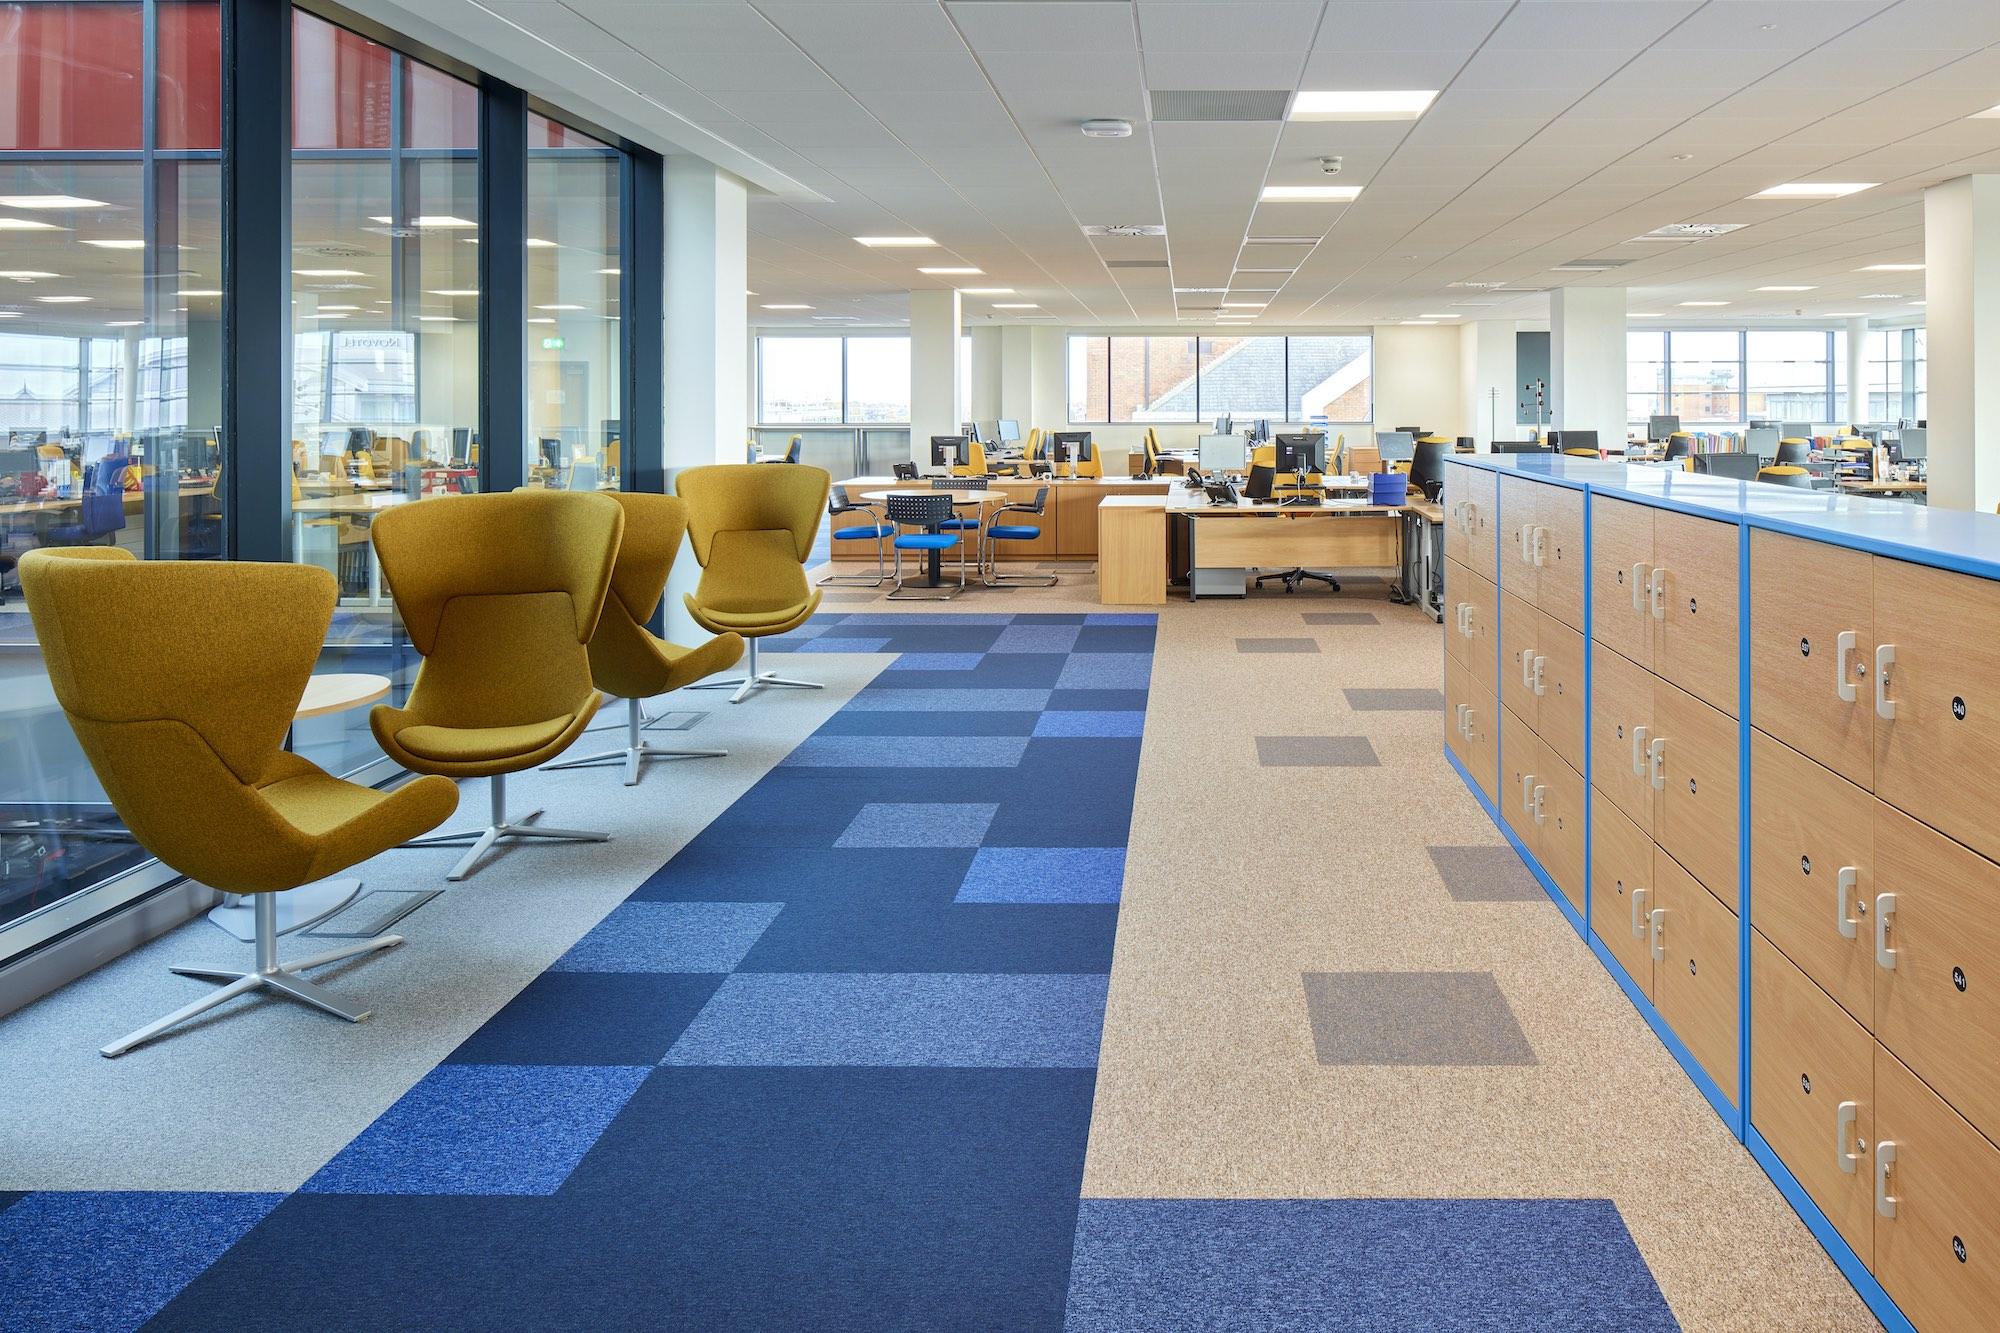 Paragon Carpet Tiles | Social Distancing | Commercial Carpet Tiles | Toccarre